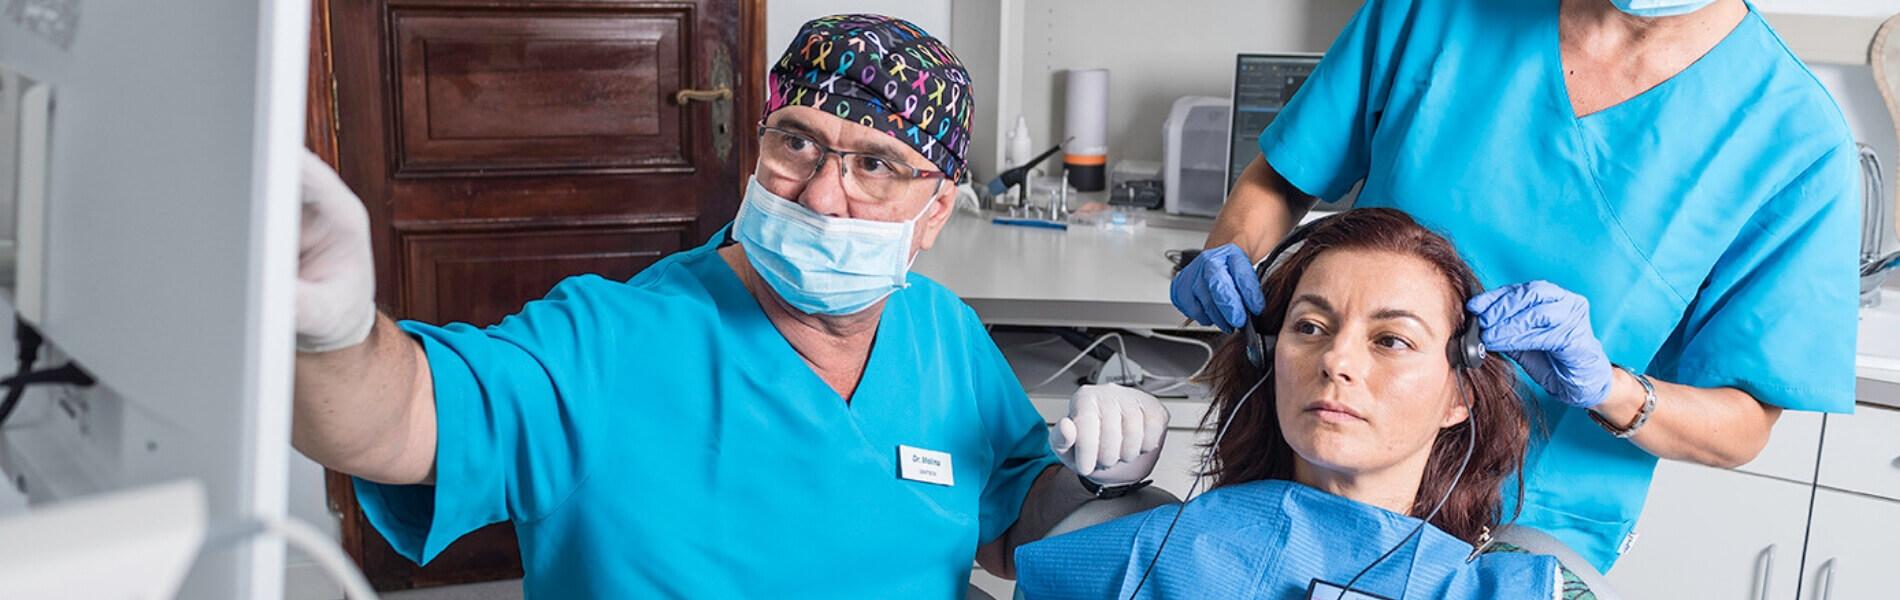 Rehabilitación Neuro-Oclusal en Tenerife